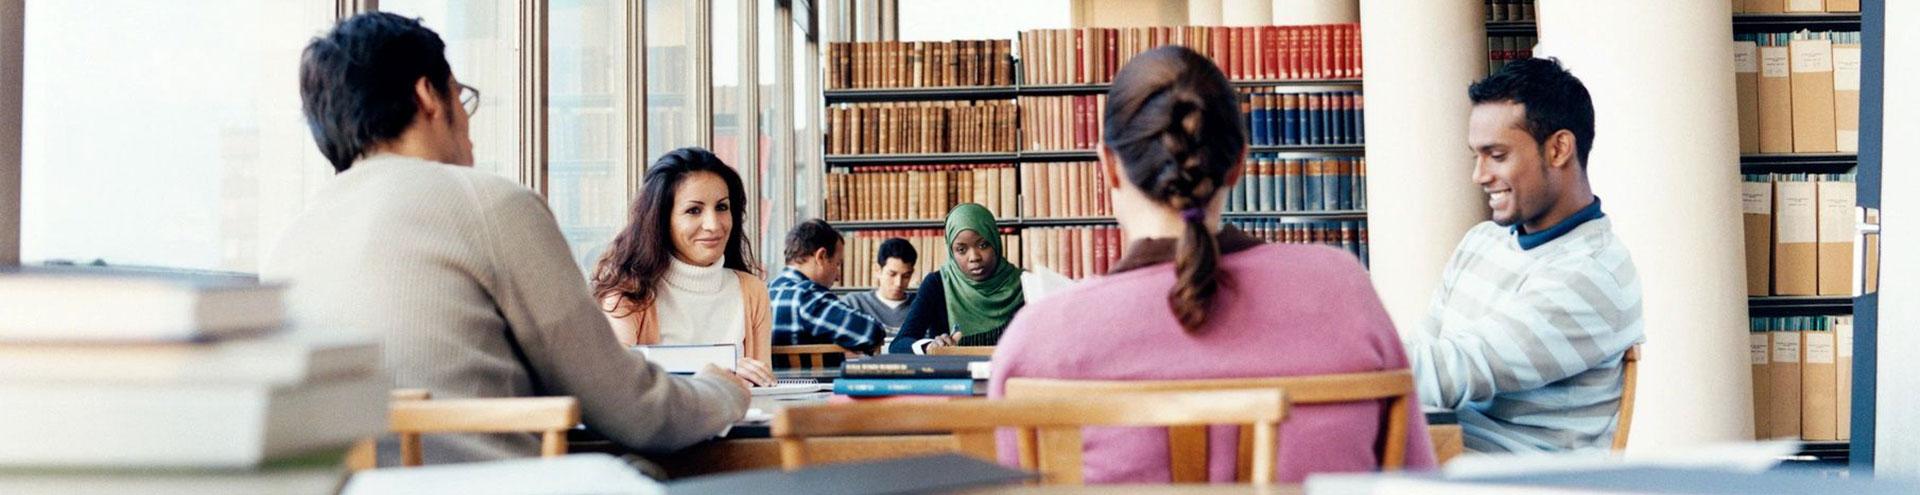 Workforce Analytics: Insights To Ensure Workforce Diversity